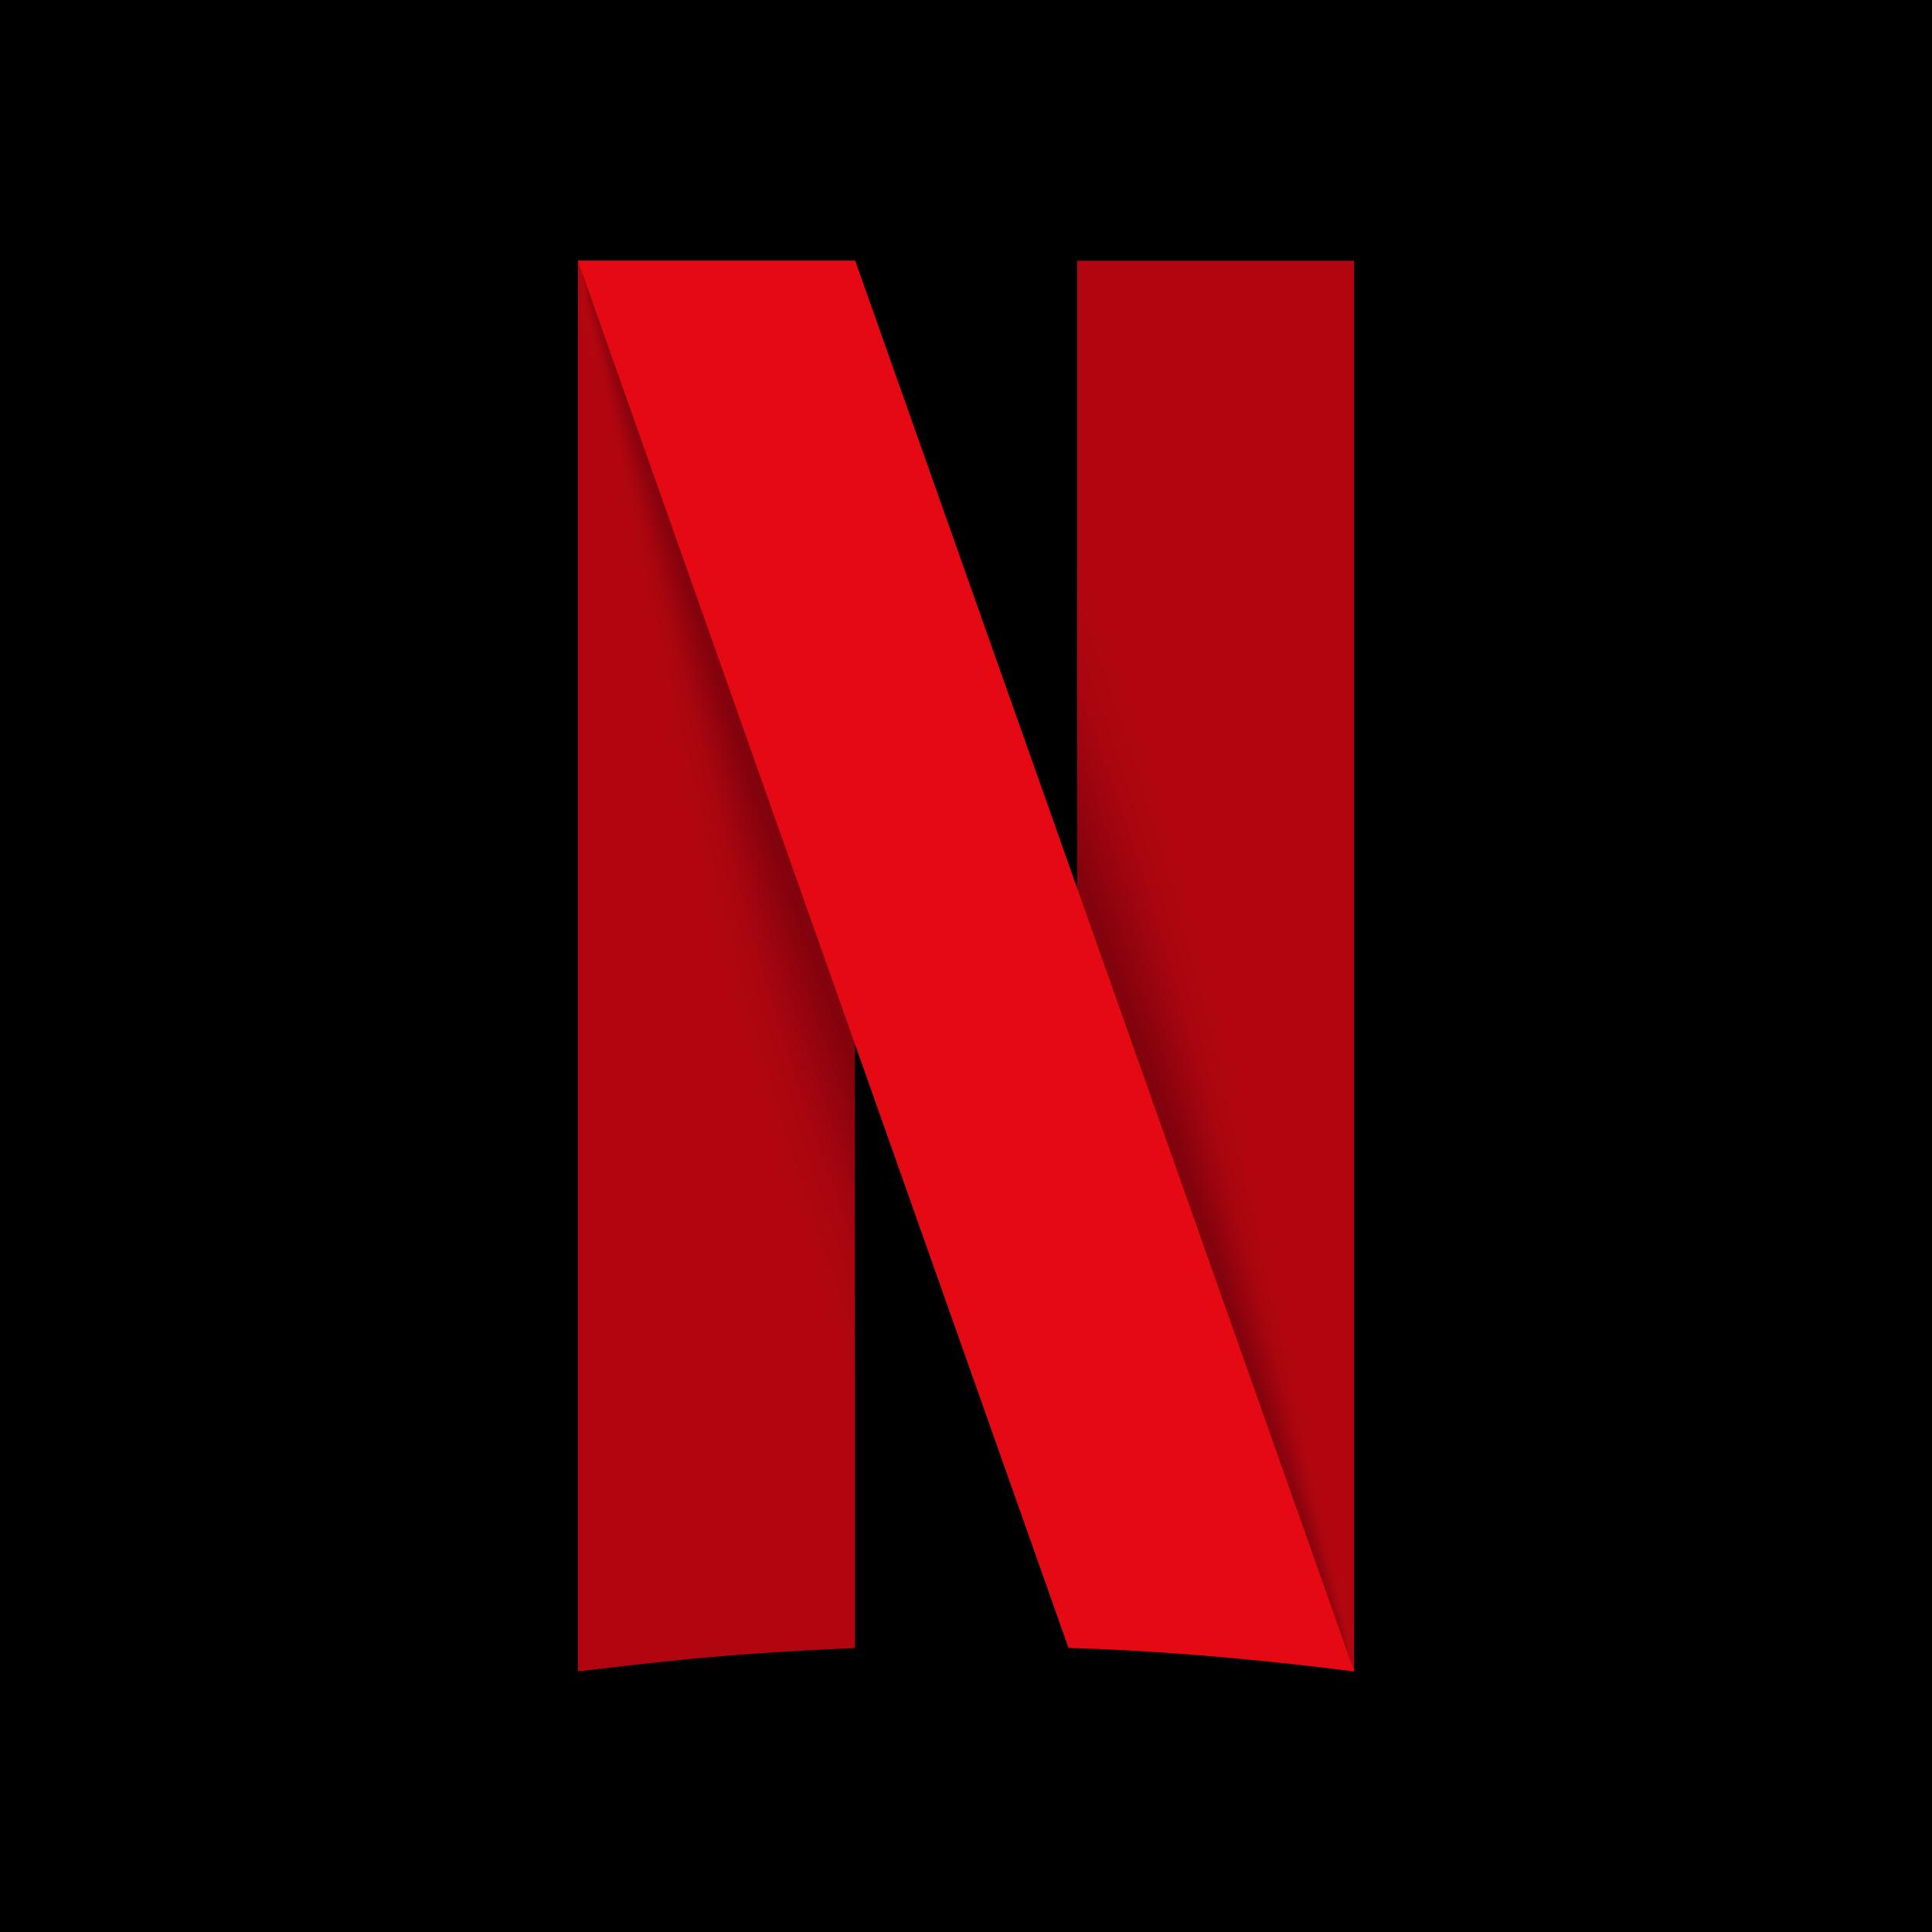 Netflixin Formula 1 -sarja nauttii suurta suosiota – toisena Suomen katsotuimpien listalla